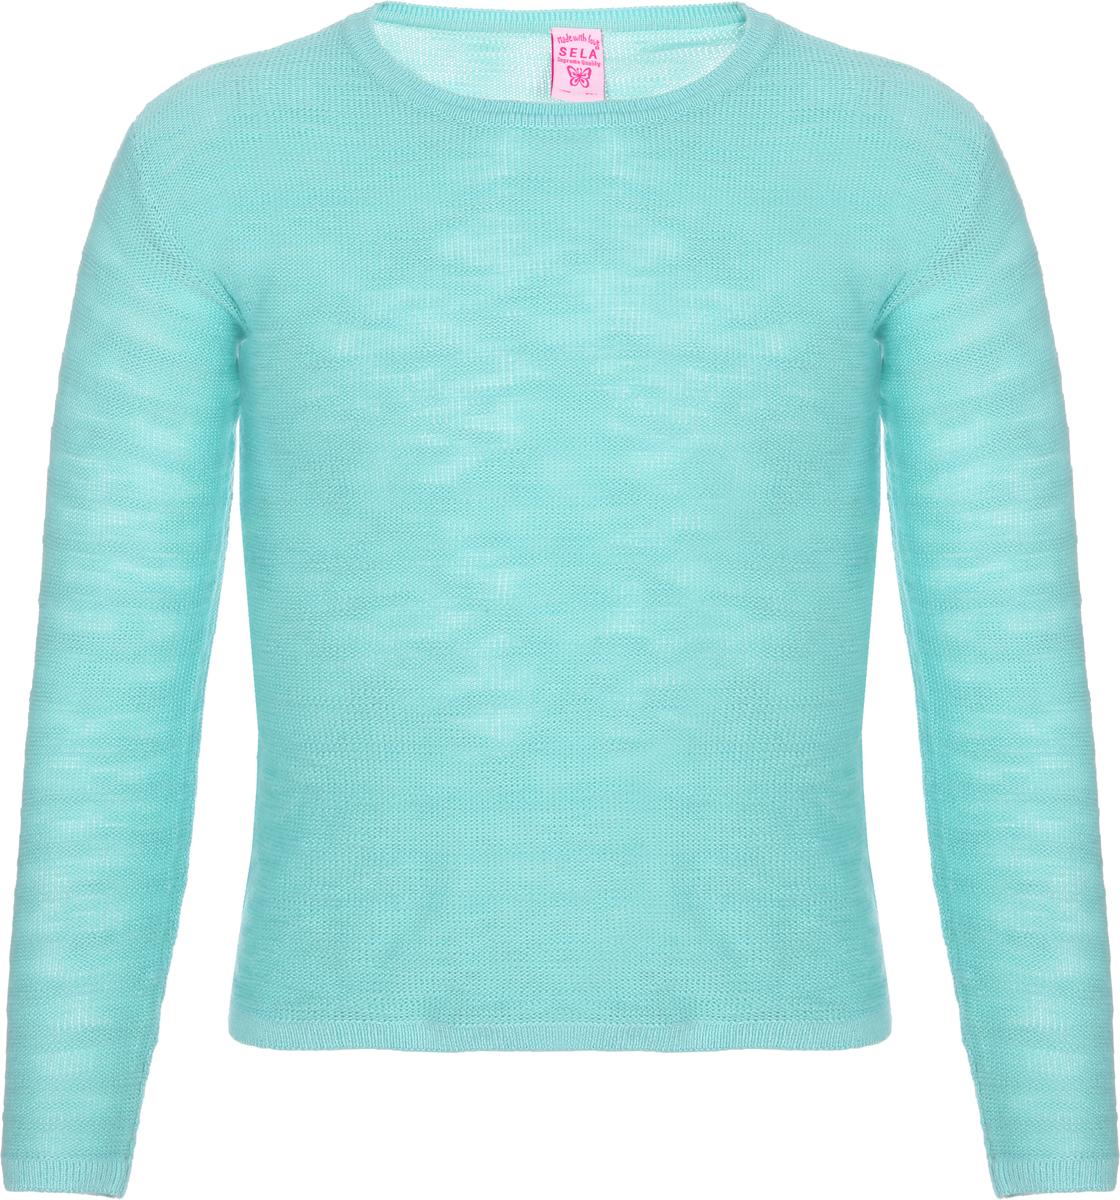 Джемпер для девочки Sela, цвет: мятный. JR-614/972-8161. Размер 128 цена